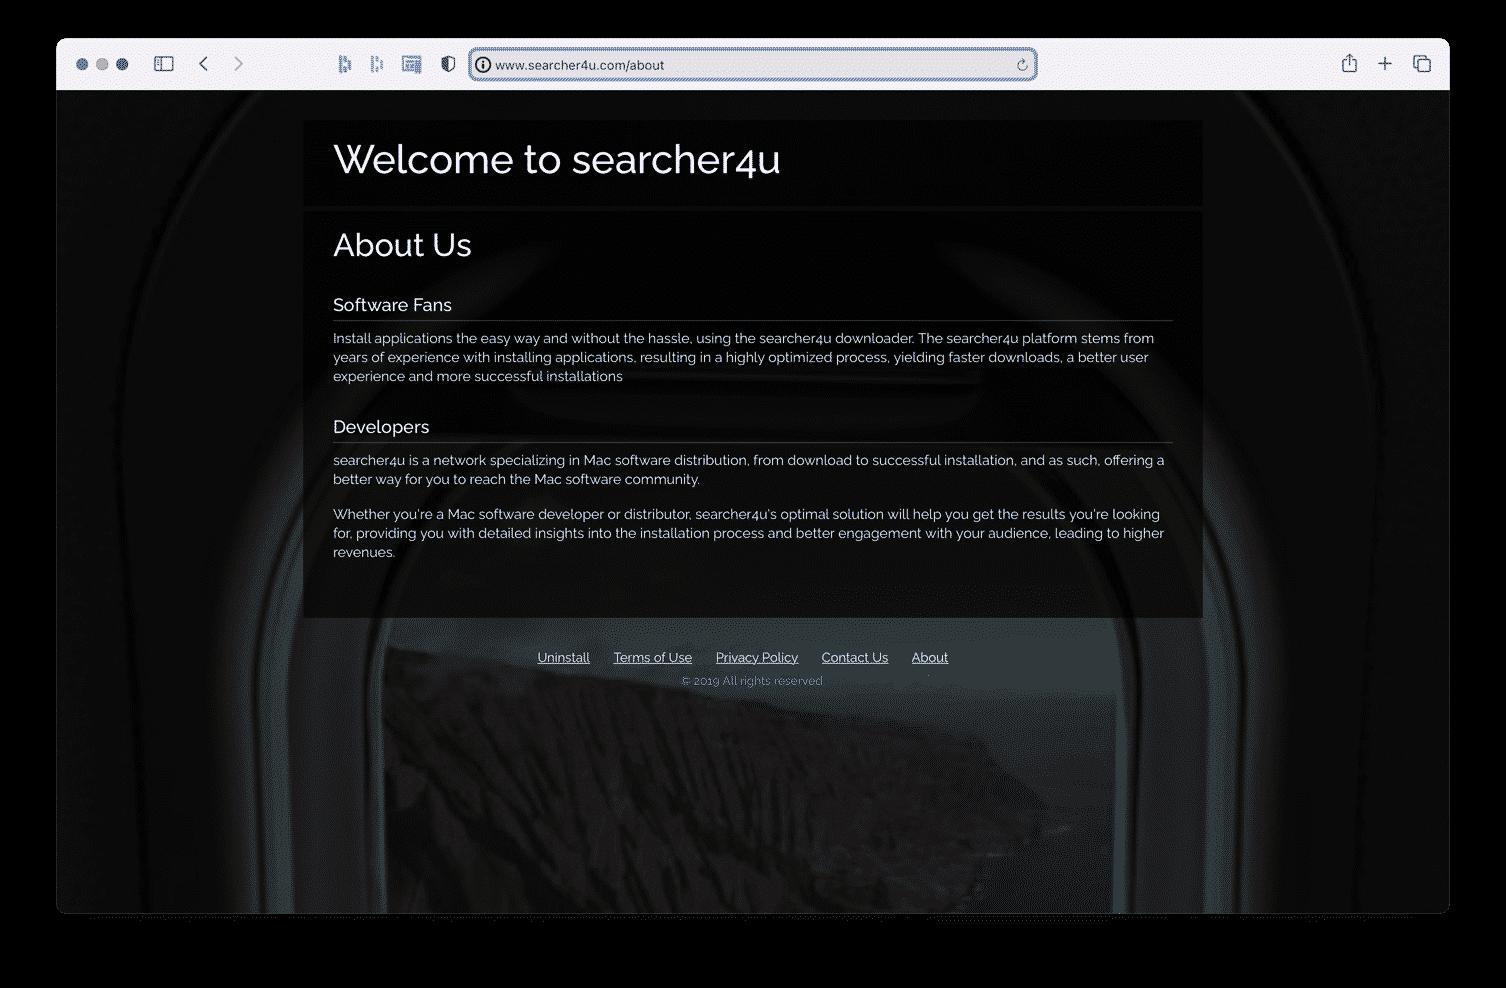 Searcher4u.com